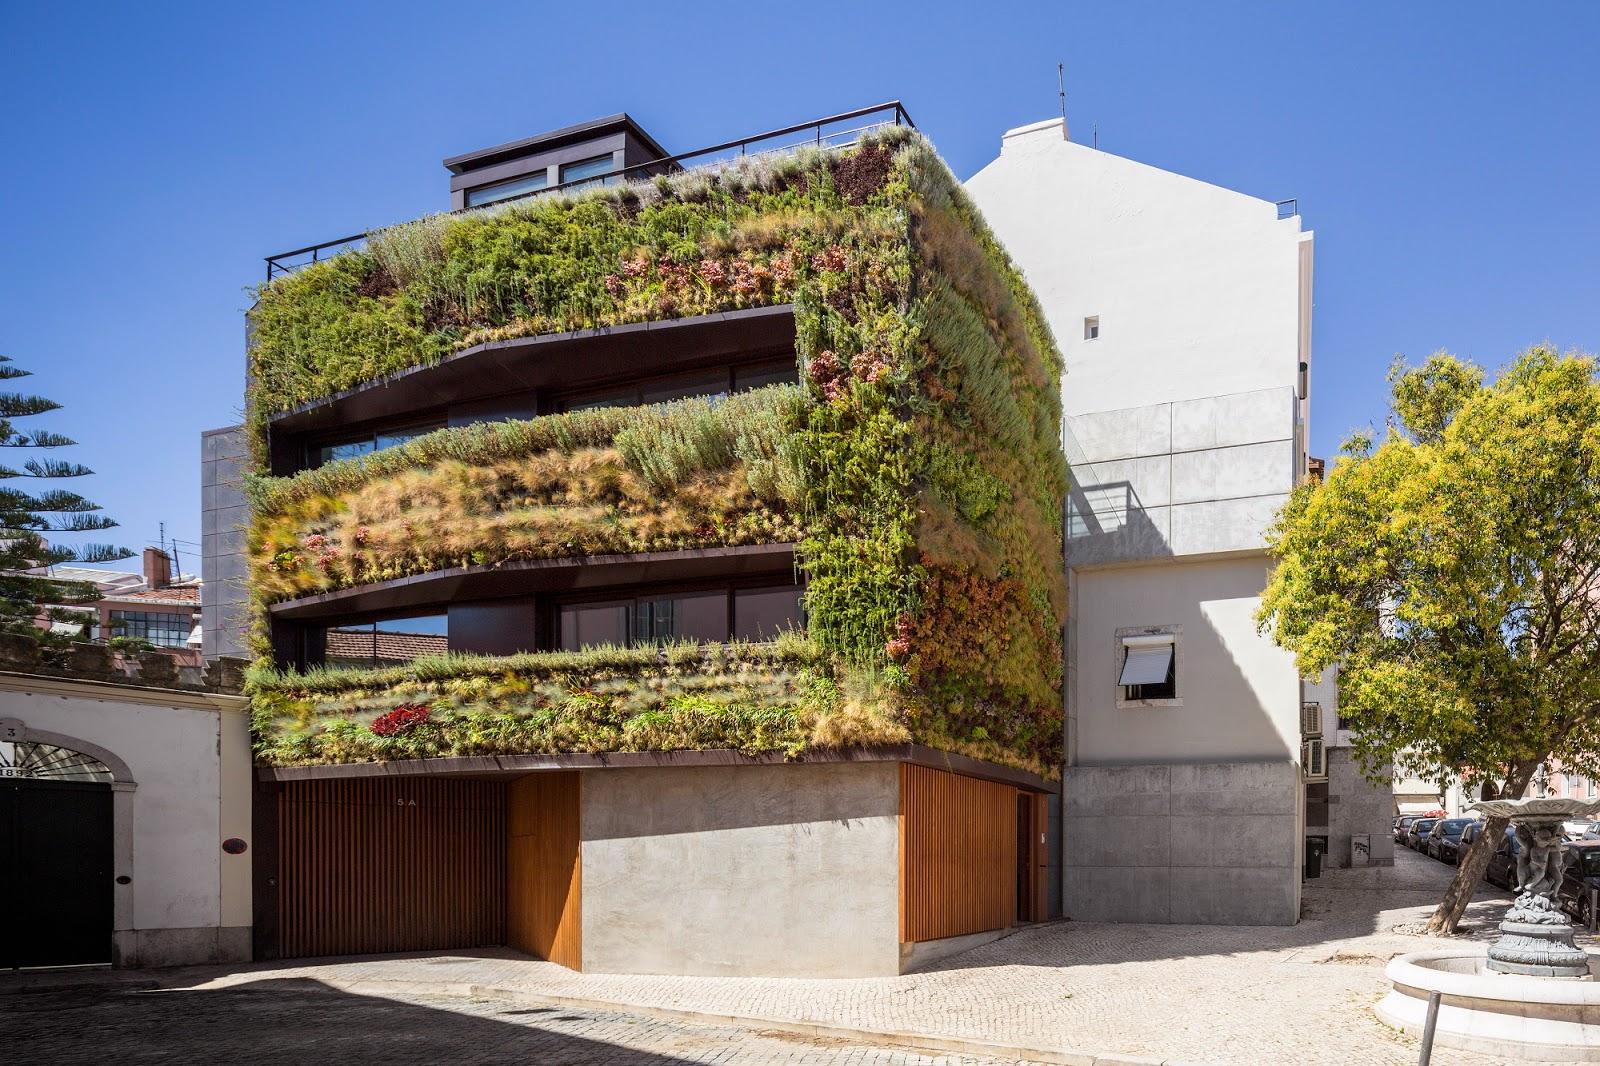 Mis cosas jardin casa for Jardines verticales introduccion